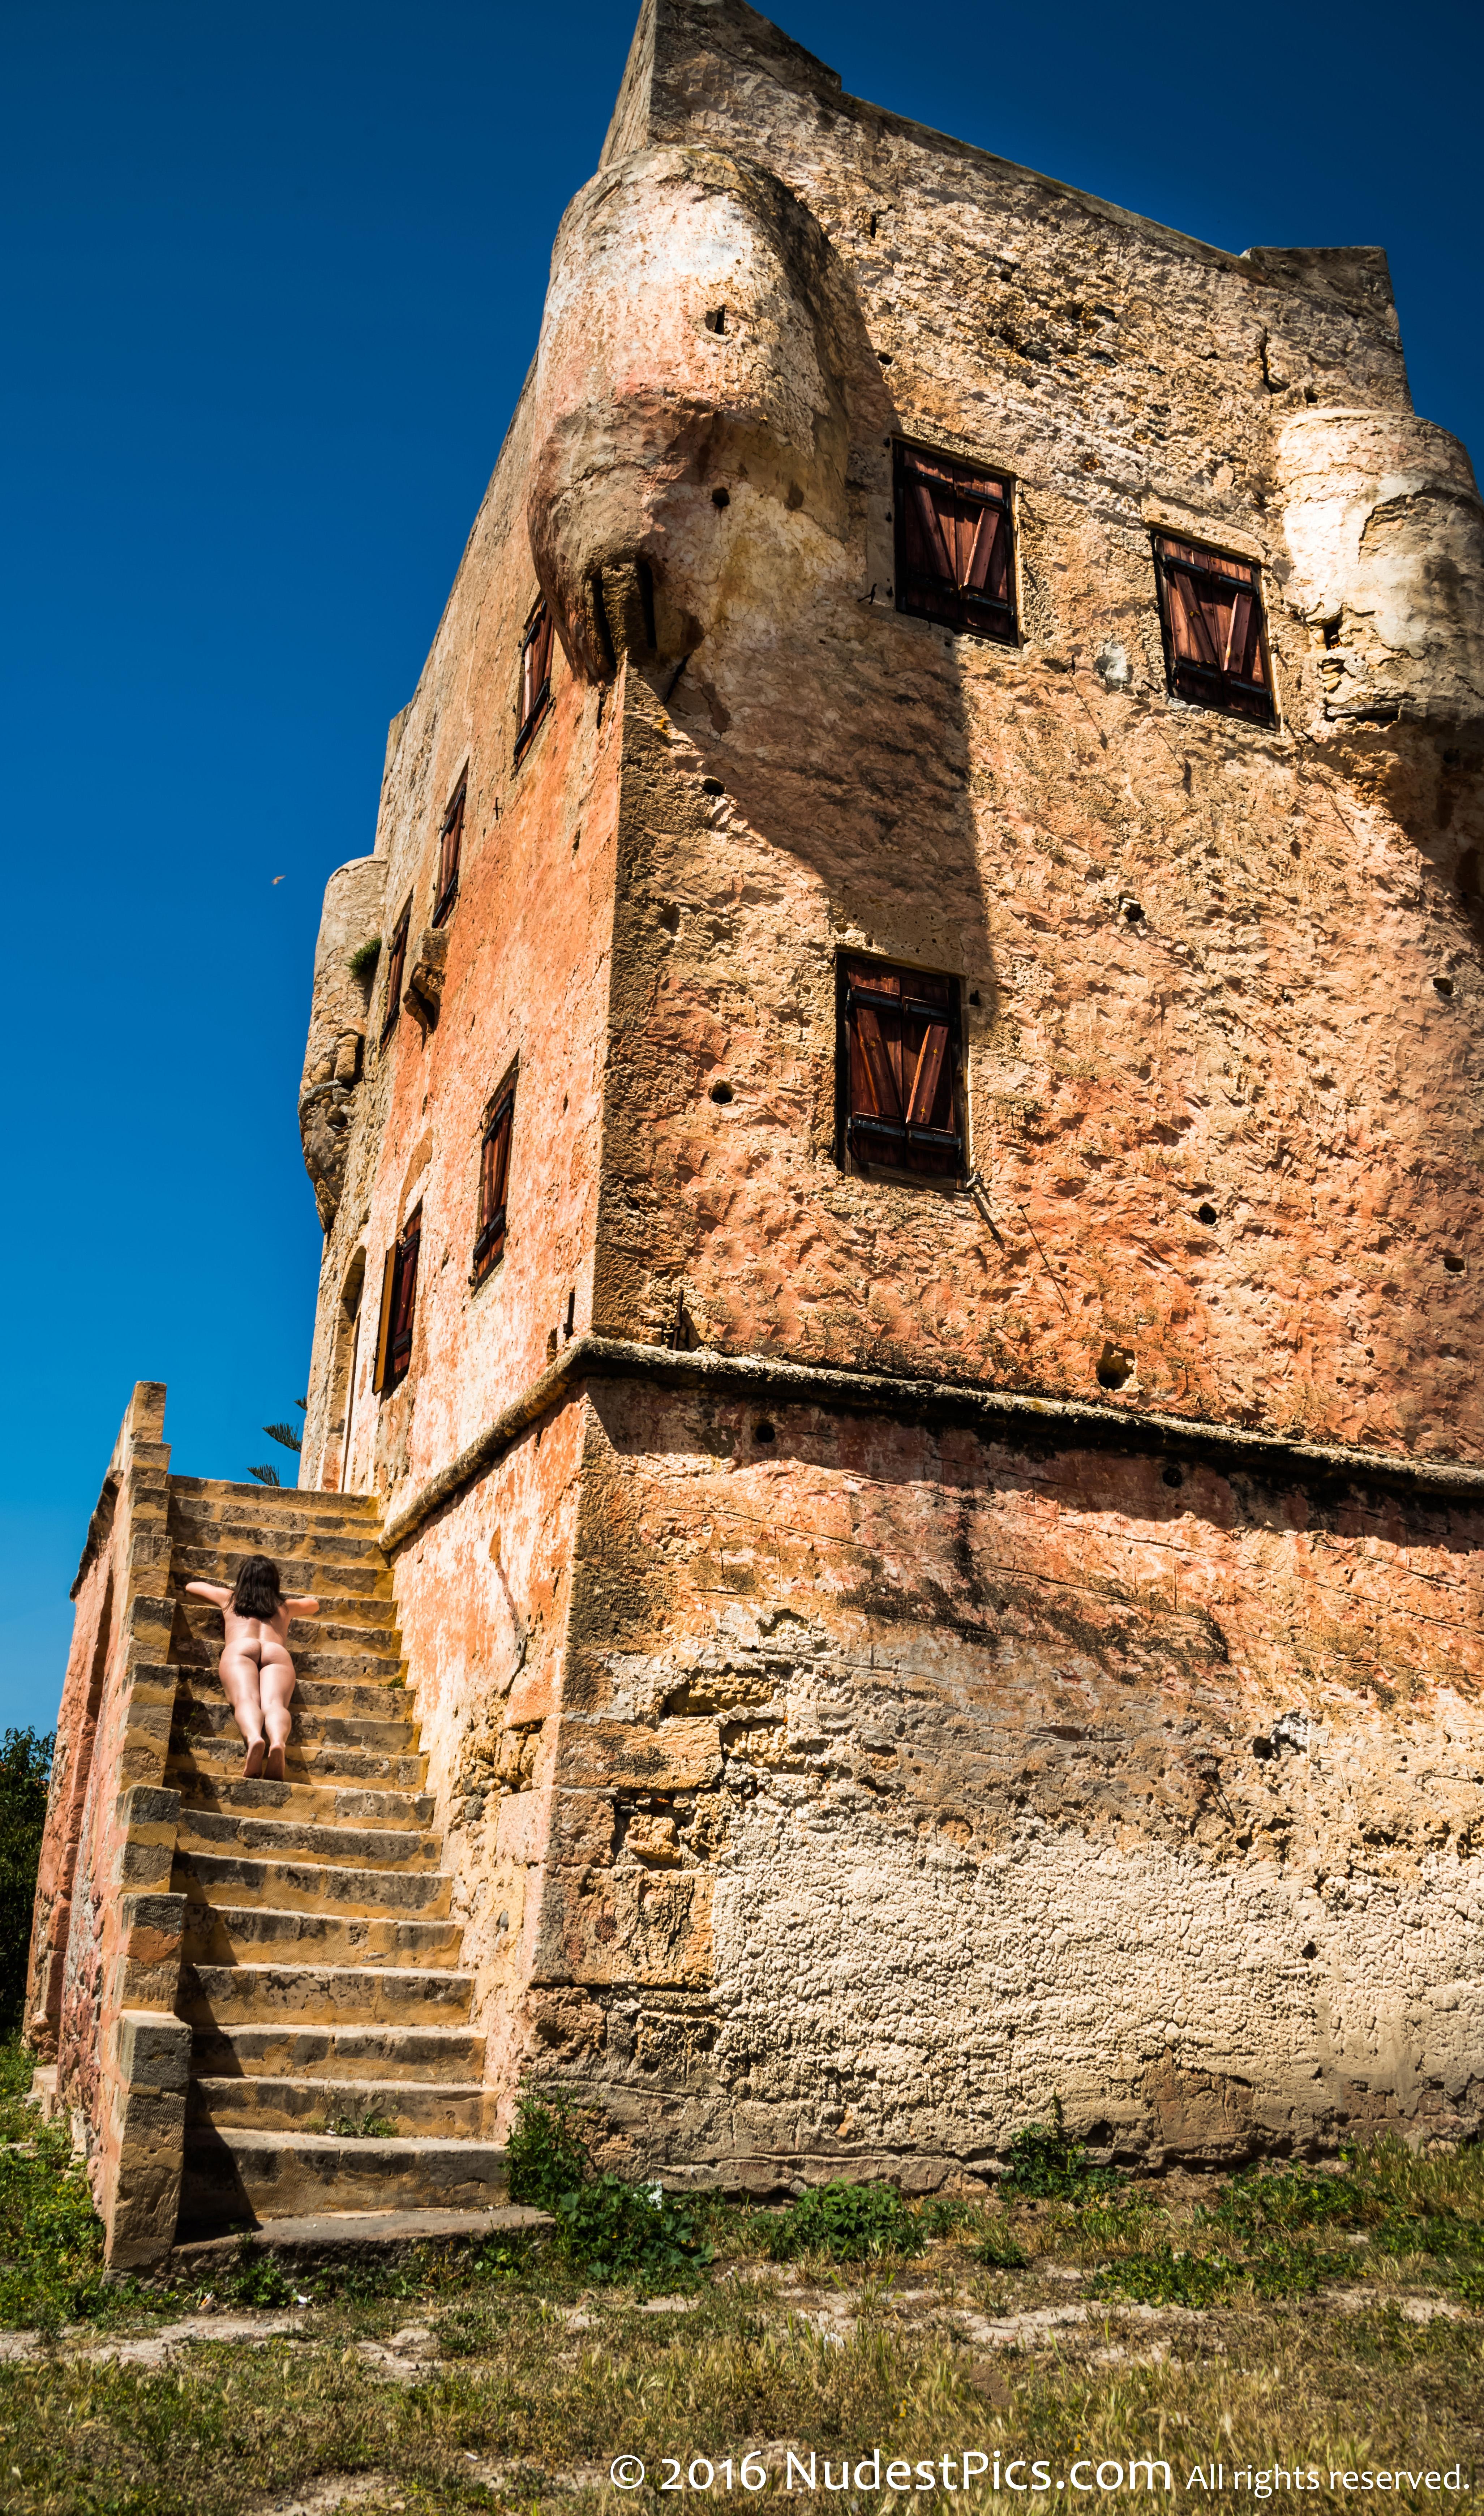 Nudist Gal Sunbathing on Medieval Tower's Stairs